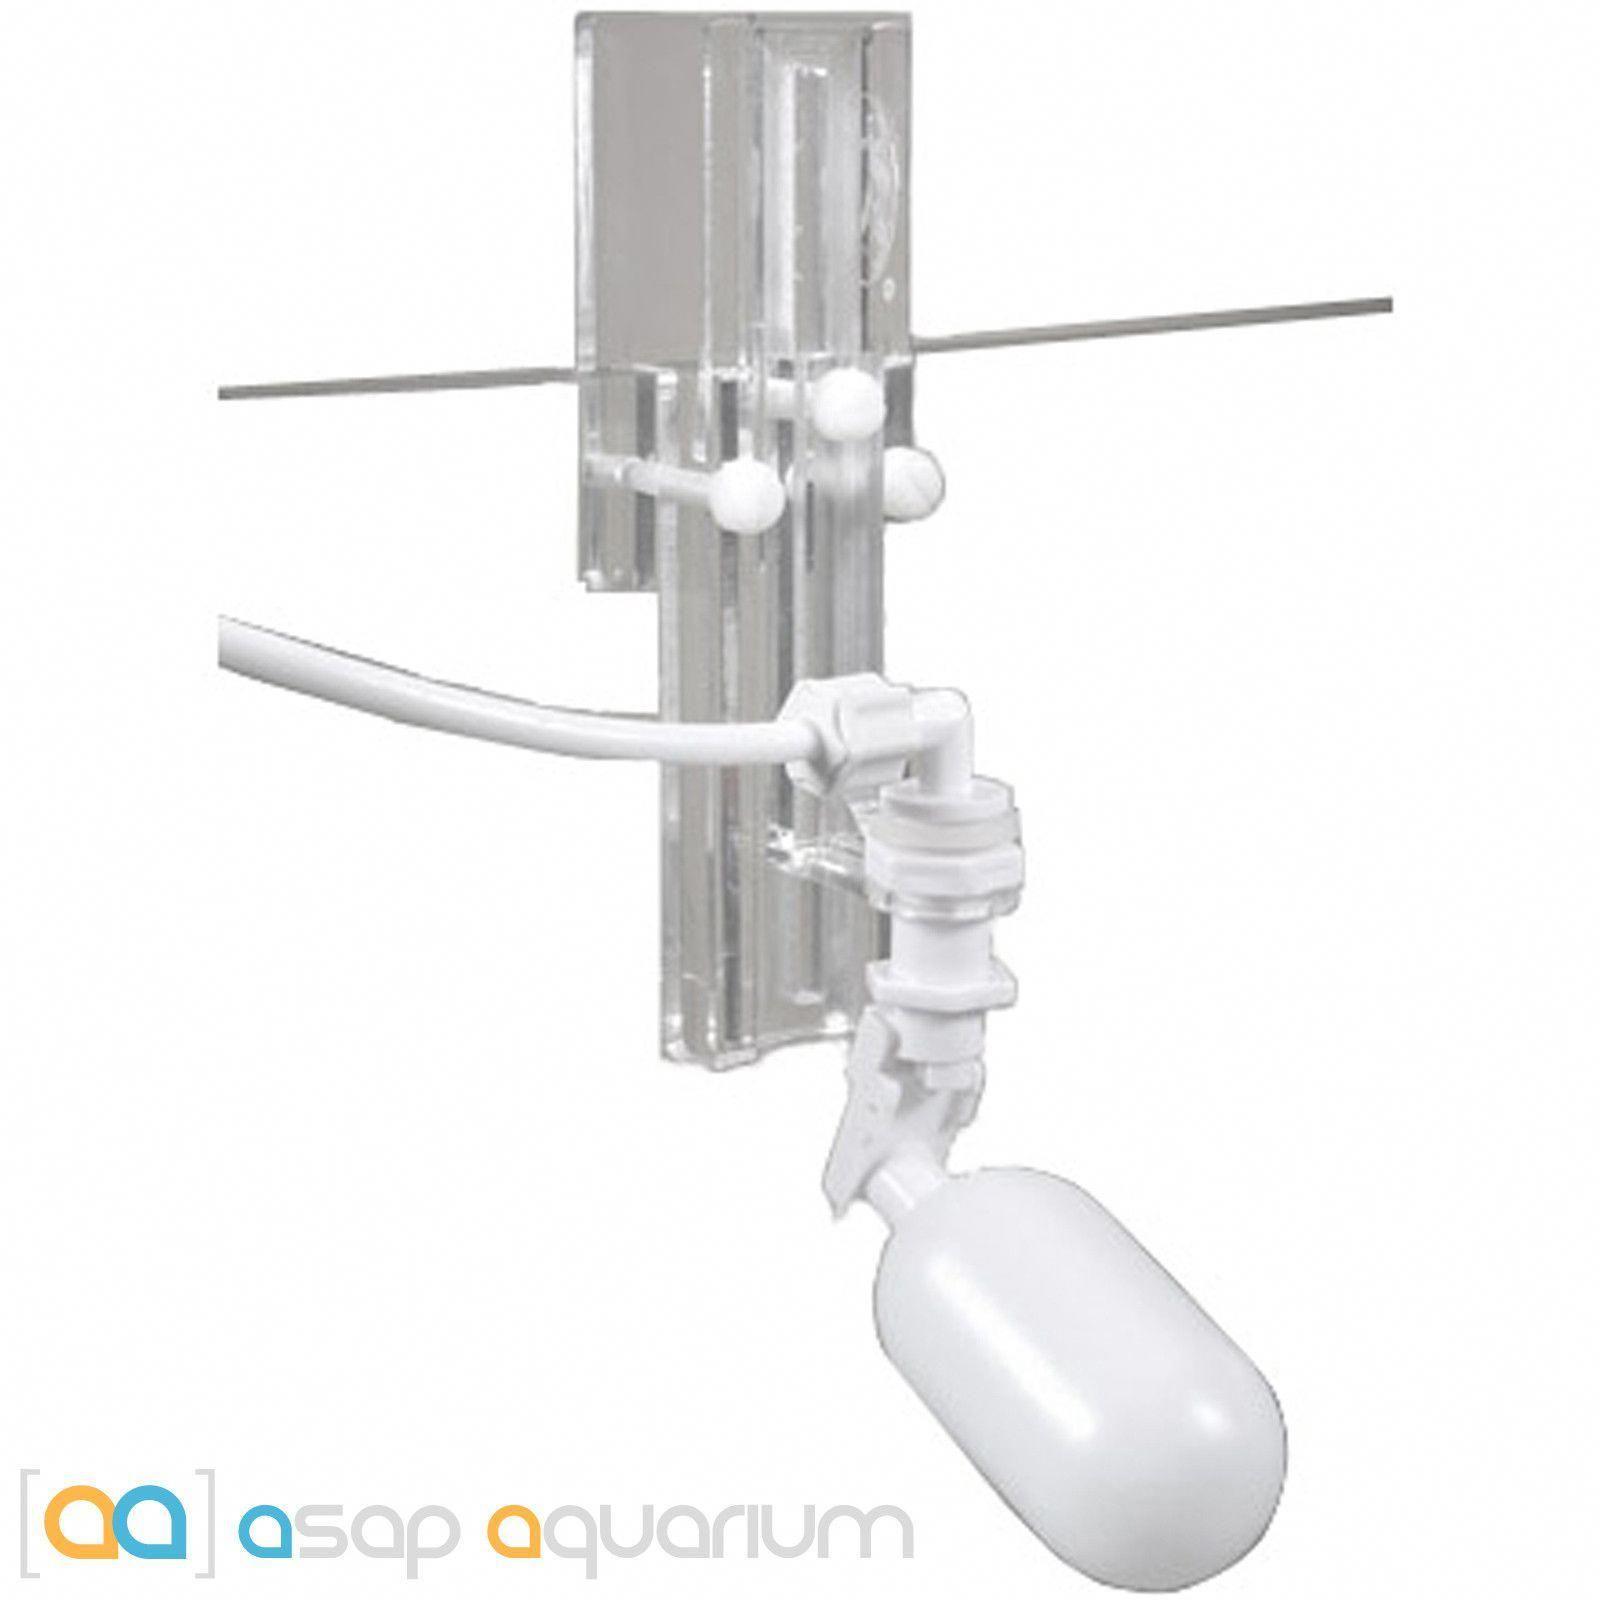 Aquaponics for sale aquaponicsfarm key 7283627258